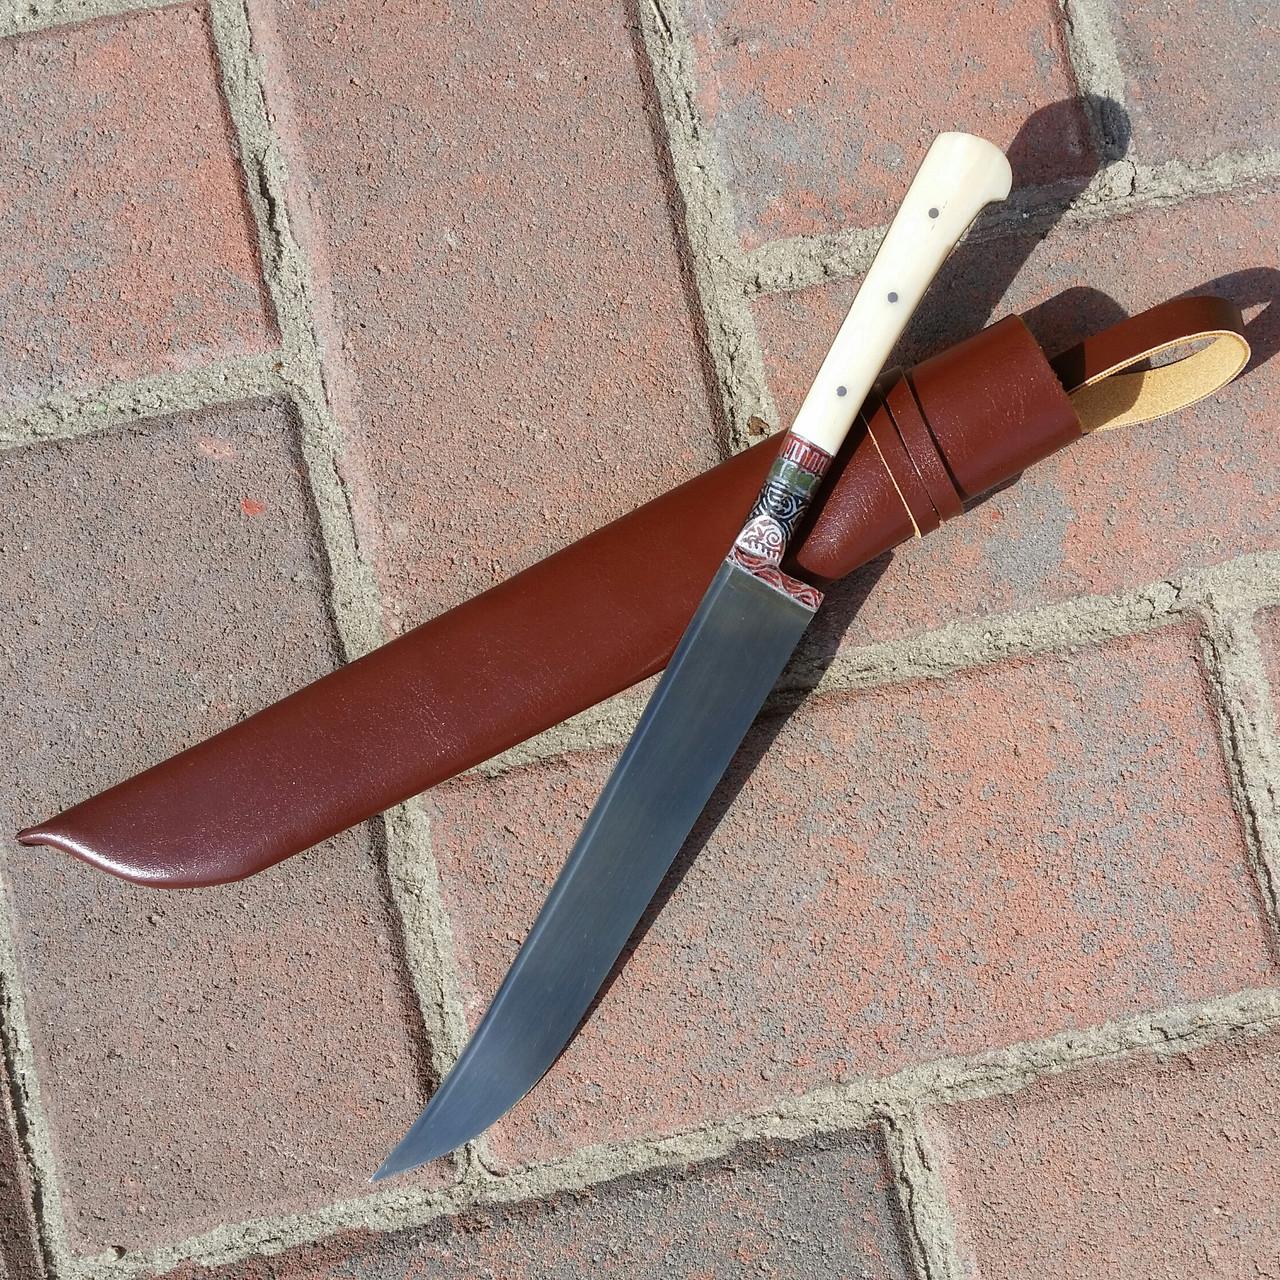 Узбекский универсальный нож с рукоятью из кости